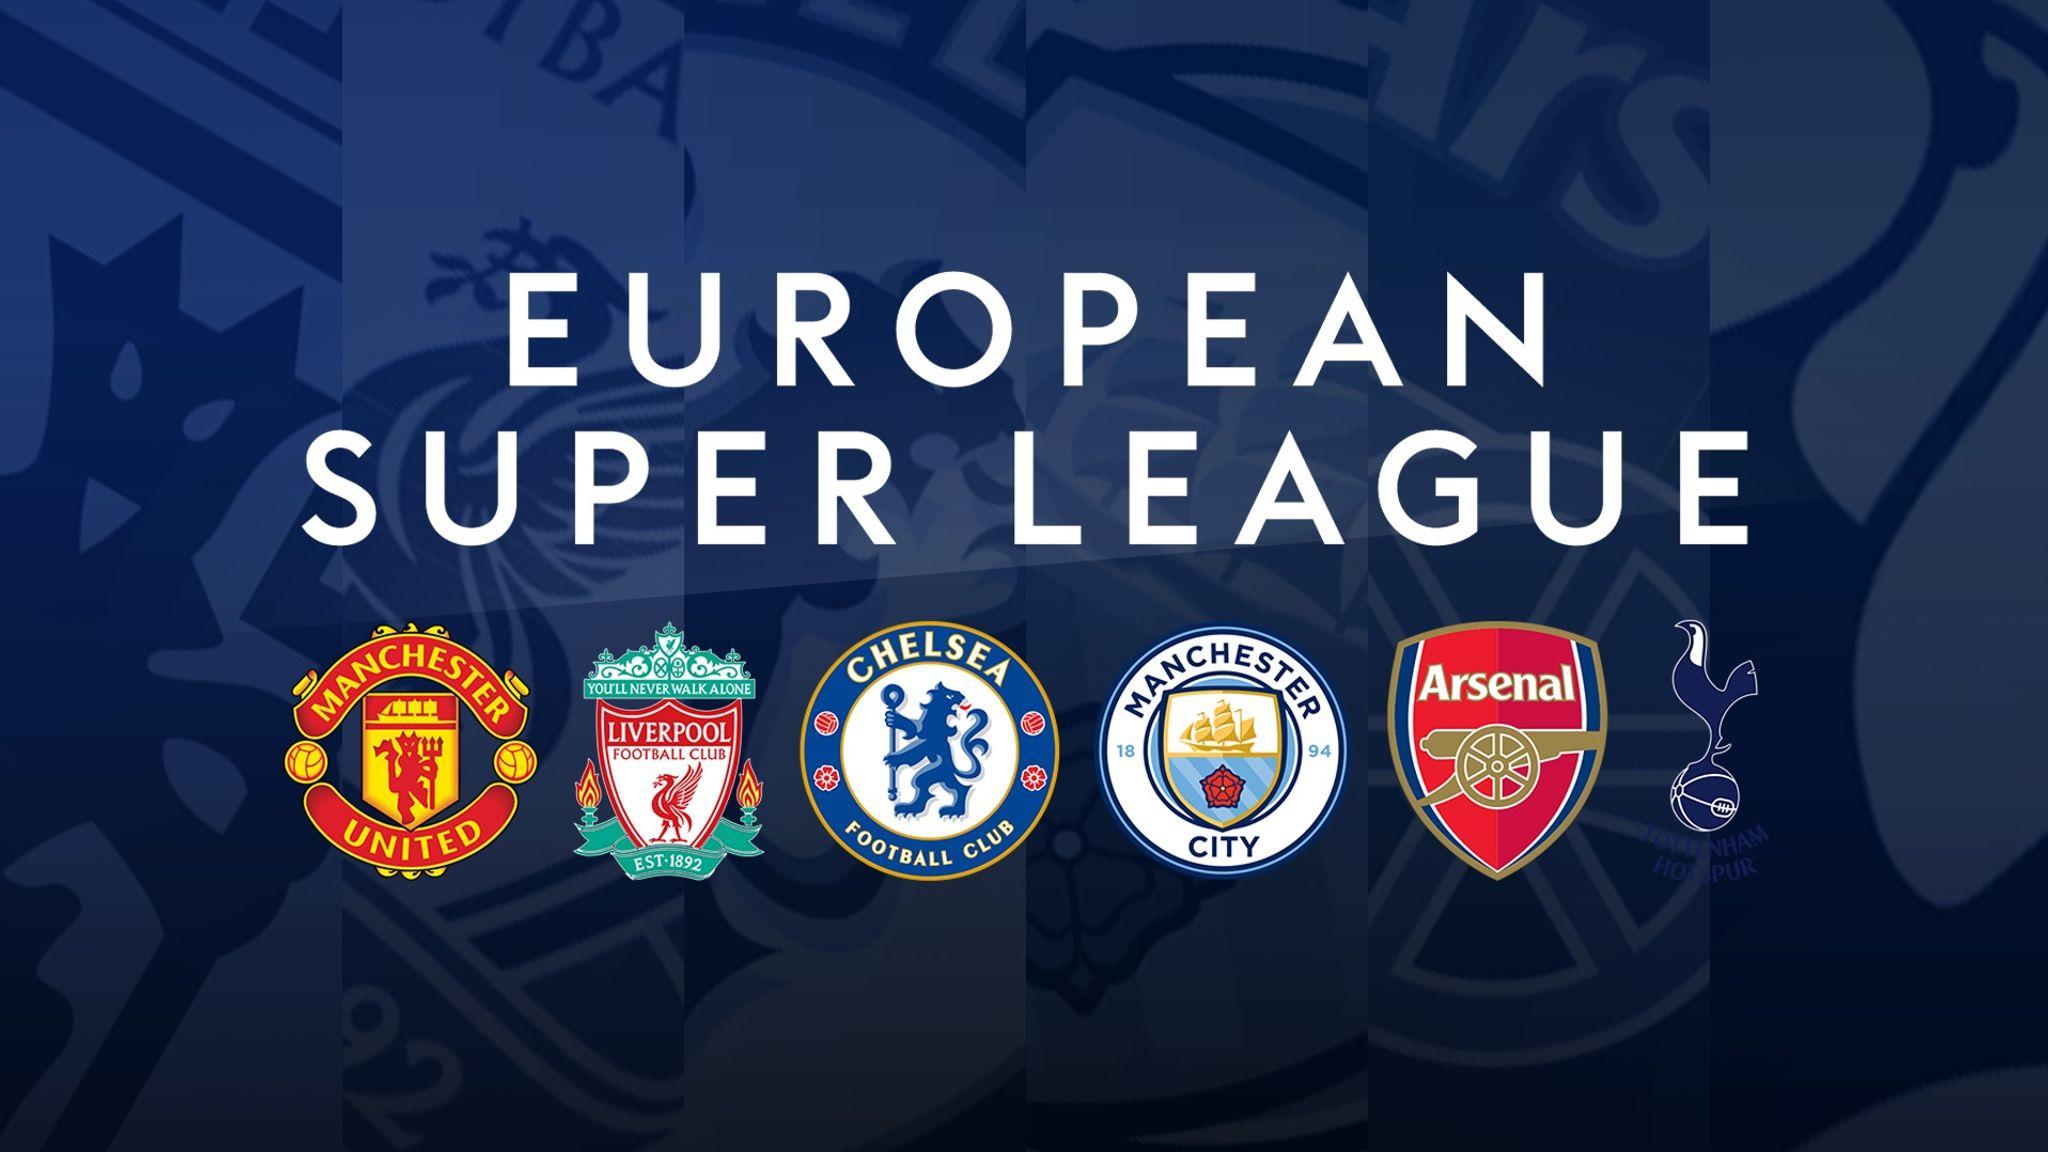 Powstanie Superligi wywołało wielkie zamieszanie w świecie piłki nożnej (źródło: Sky Sport)